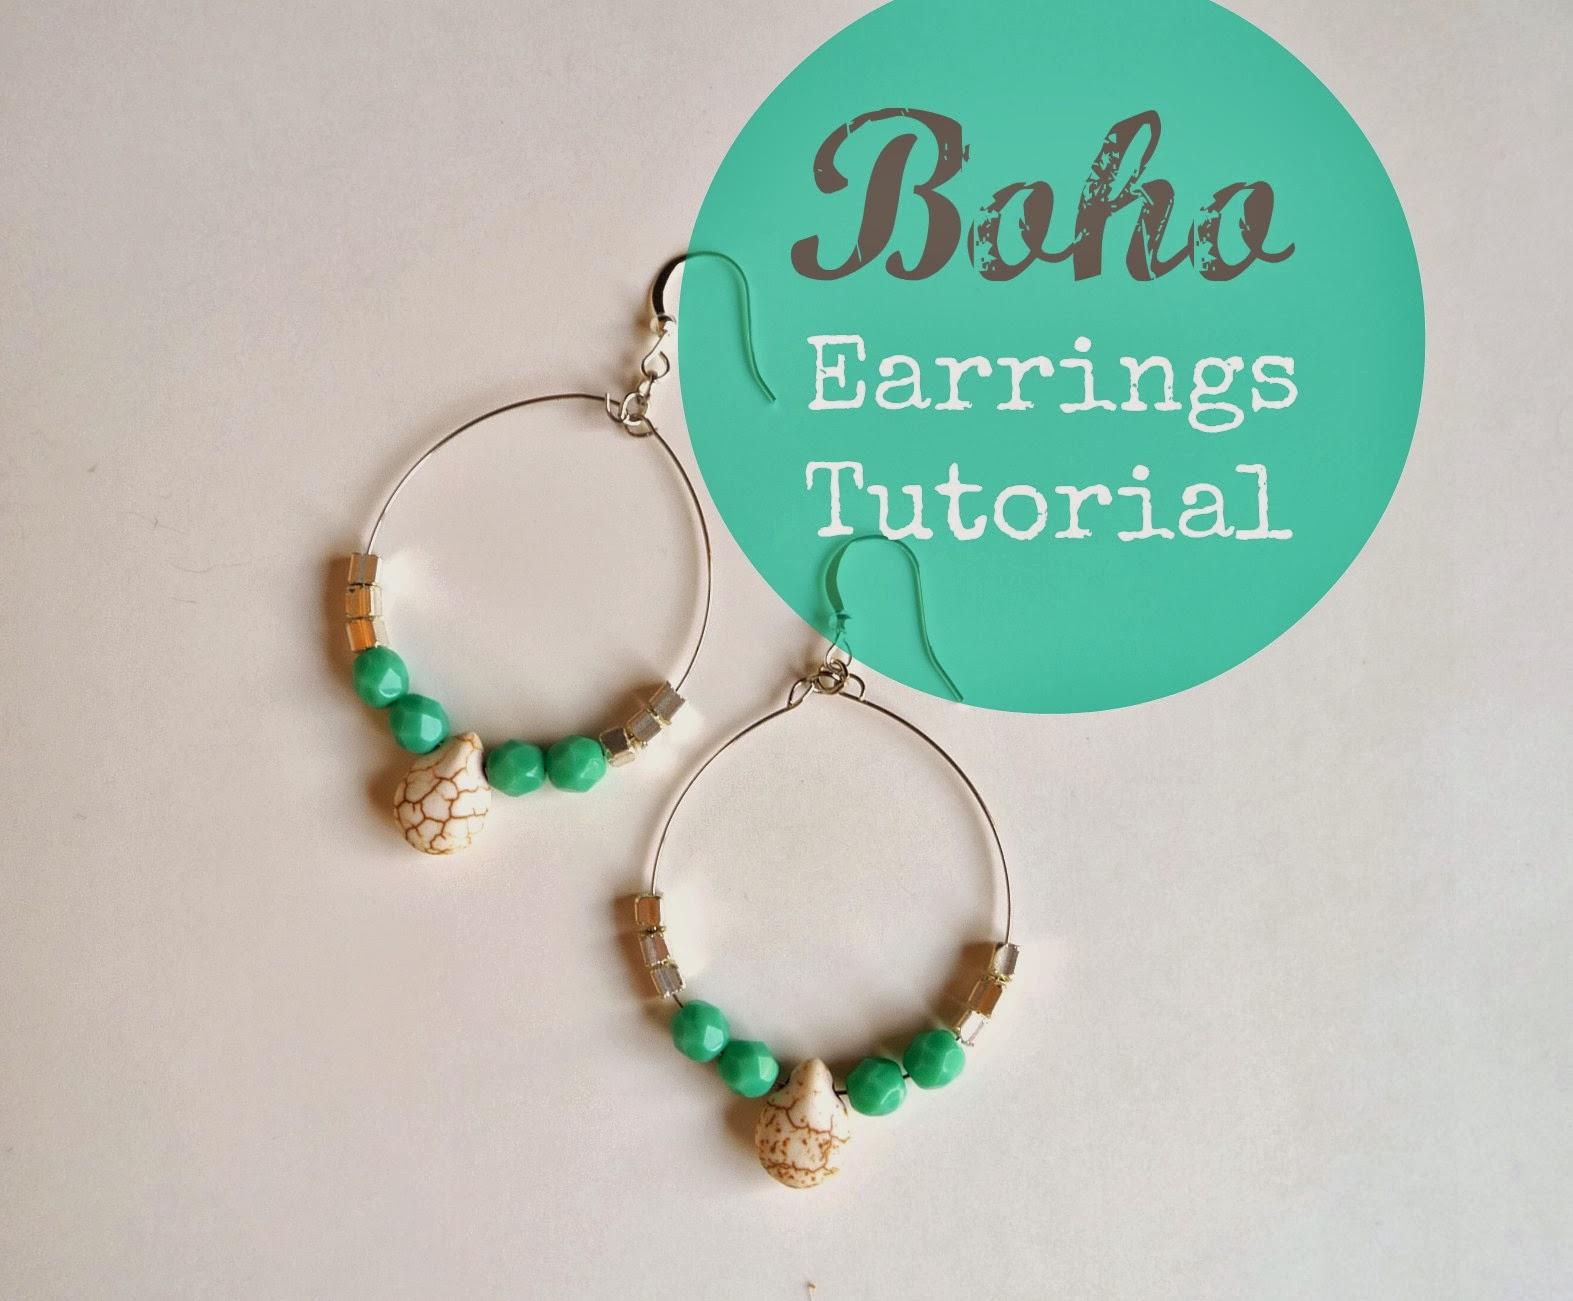 http://www.domesticblisssquared.com/2013/09/boho-earrings-tutorial.html